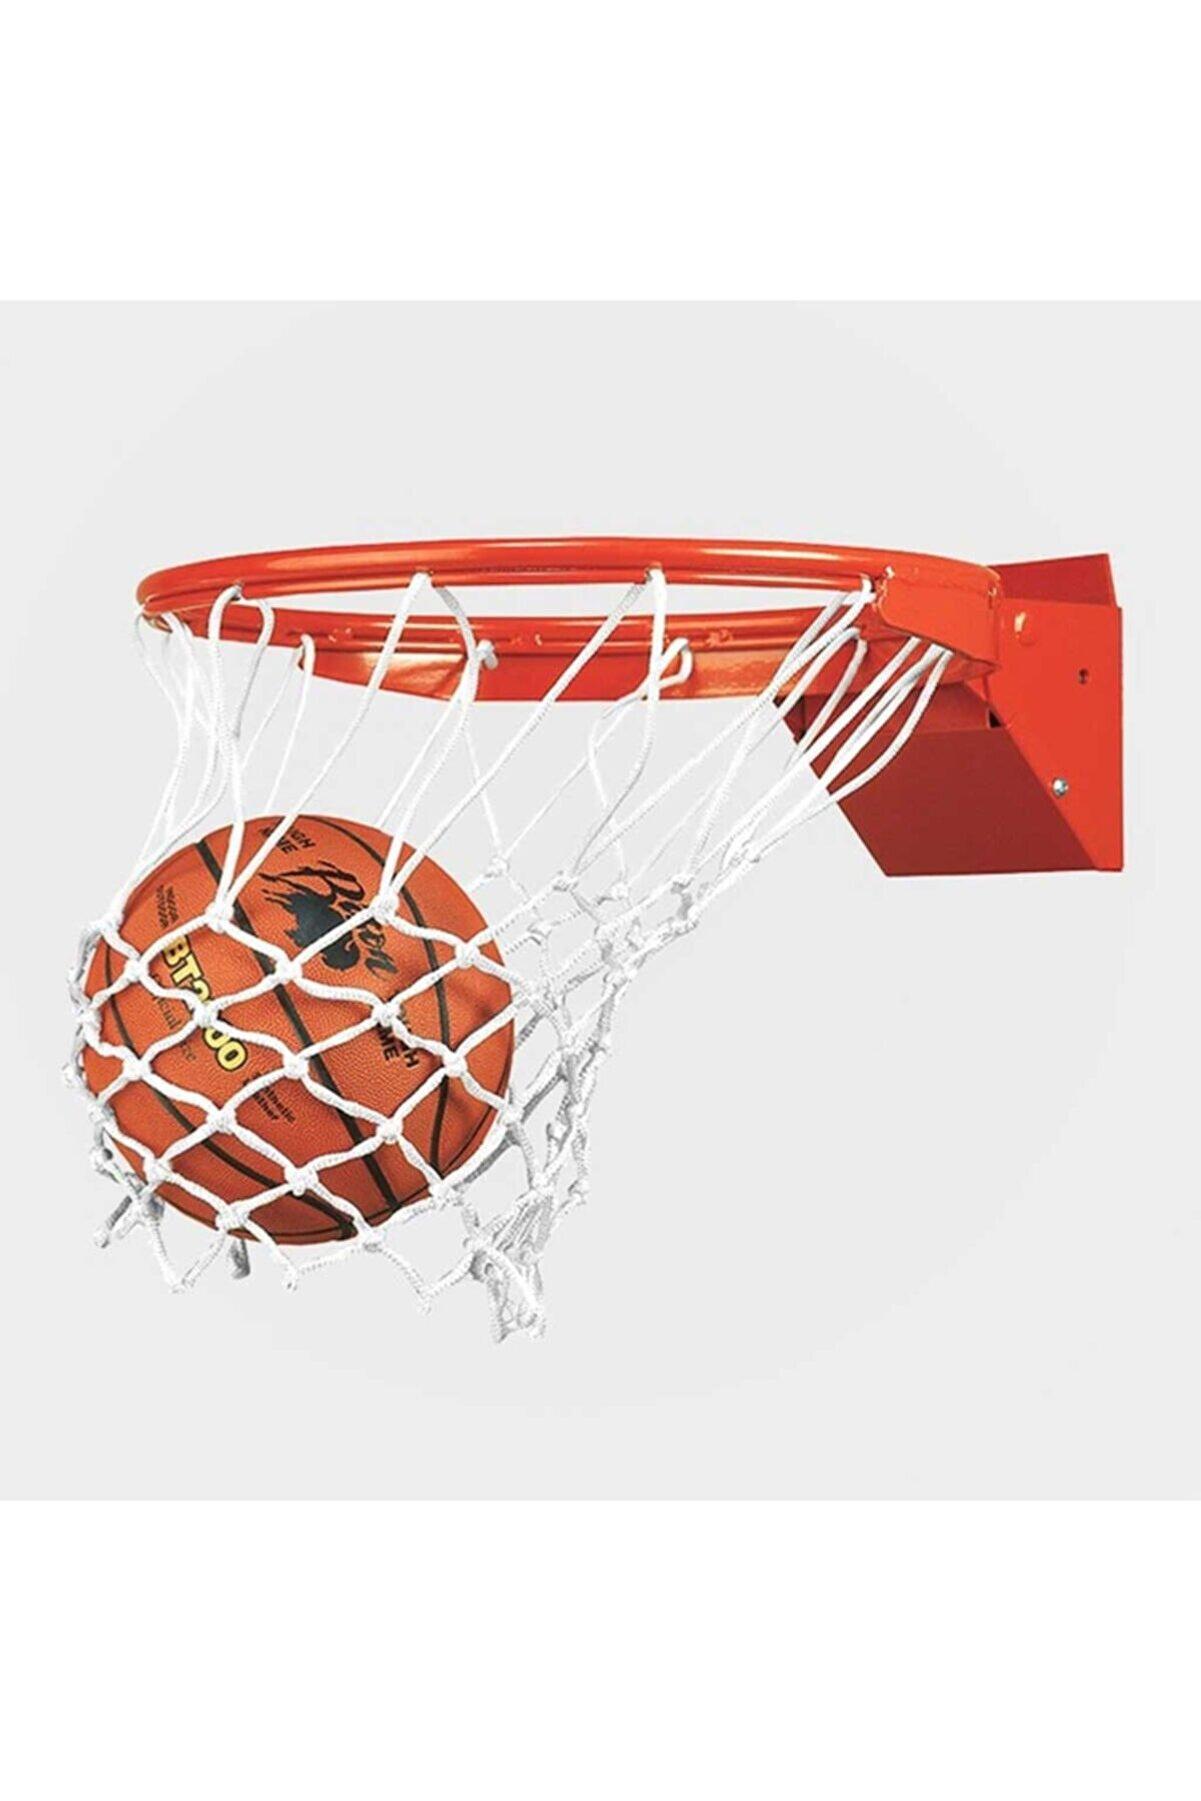 Güçlü File Nizami Basketbol Filesi Ağı 5mm 2 Adet